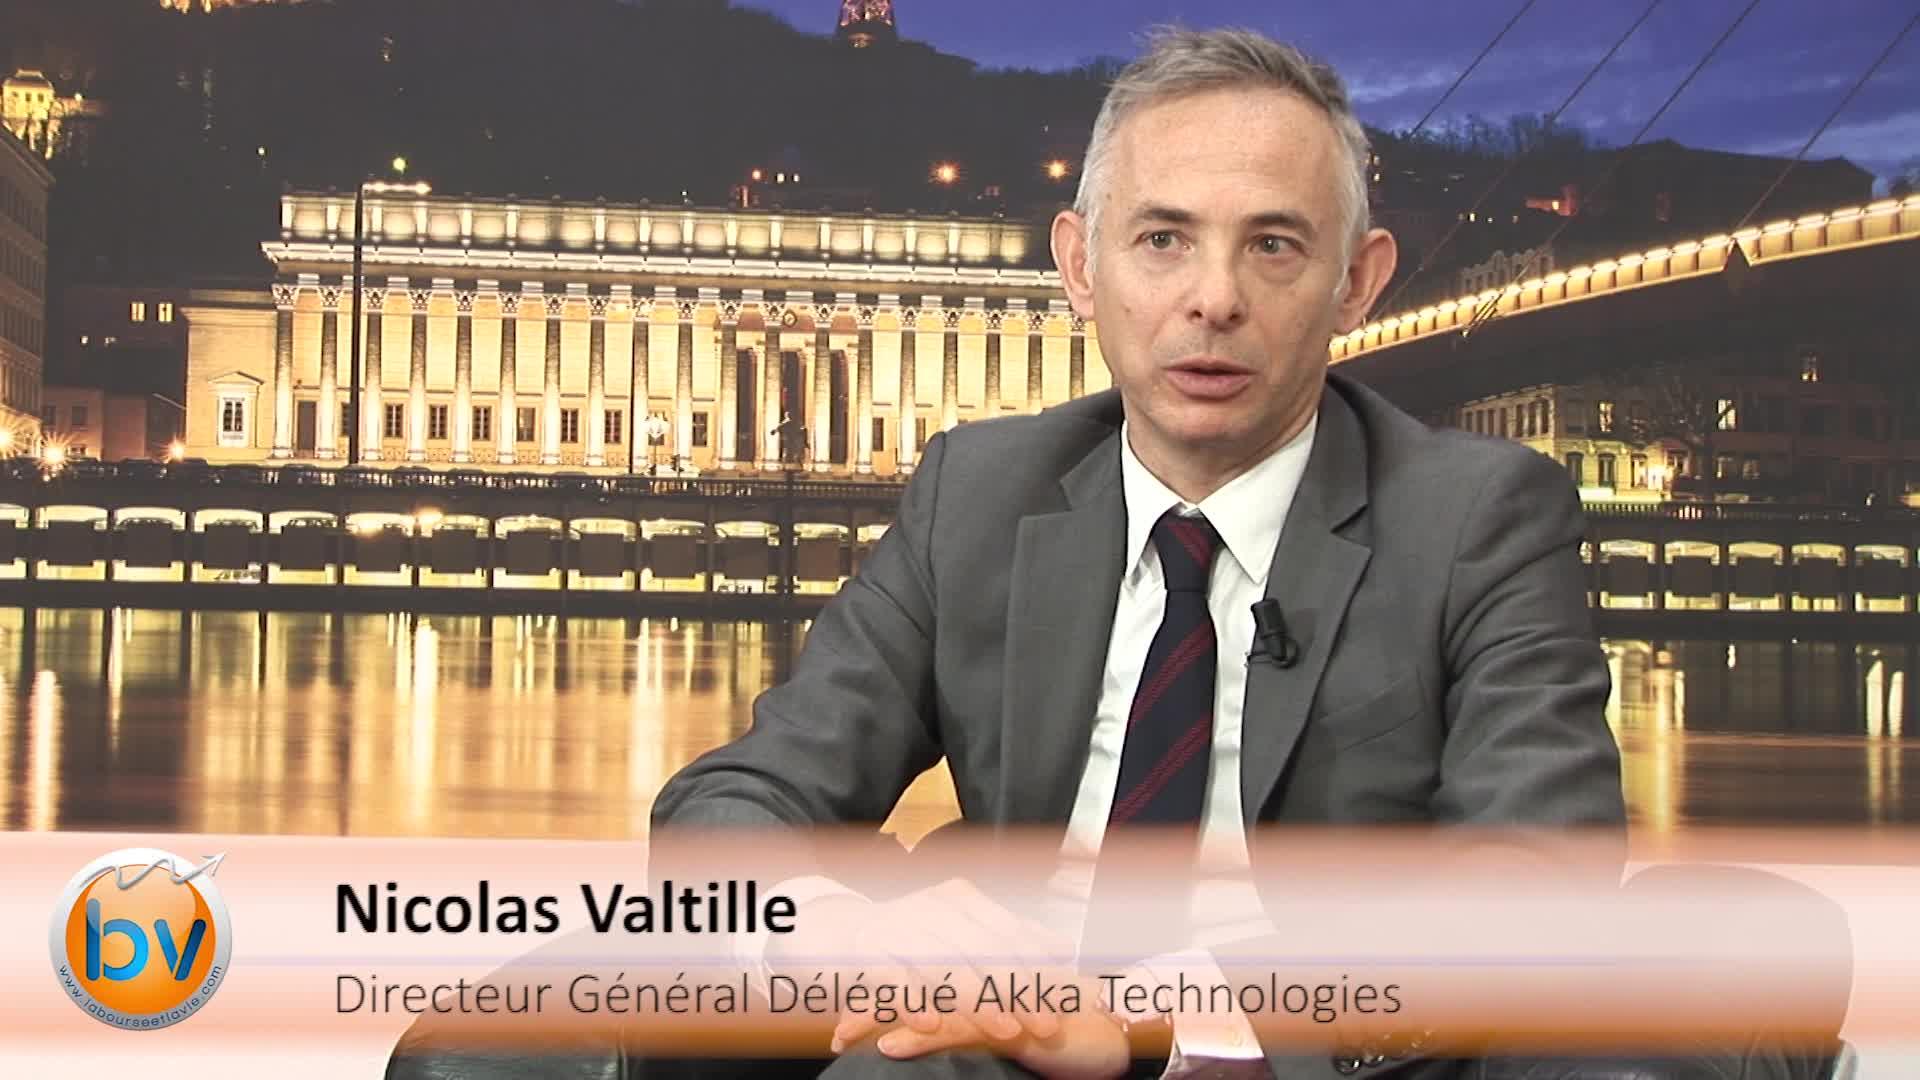 Nicolas Valtille Directeur Général Délégué Akka Technologies : «Un groupe capable de prendre des projets globaux»